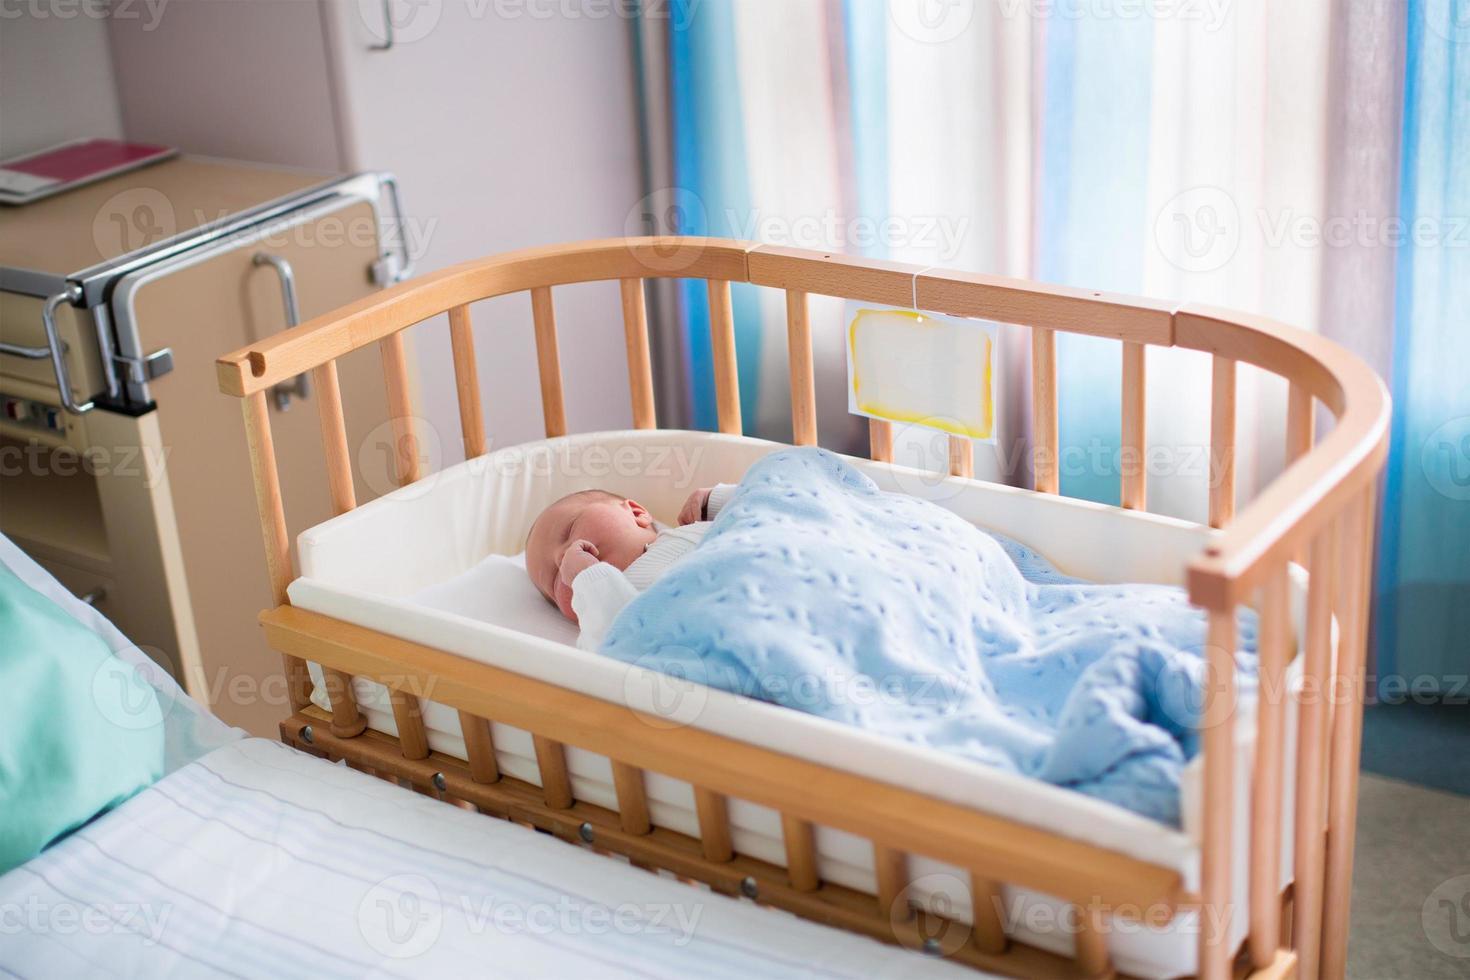 menino recém-nascido no berço do hospital foto